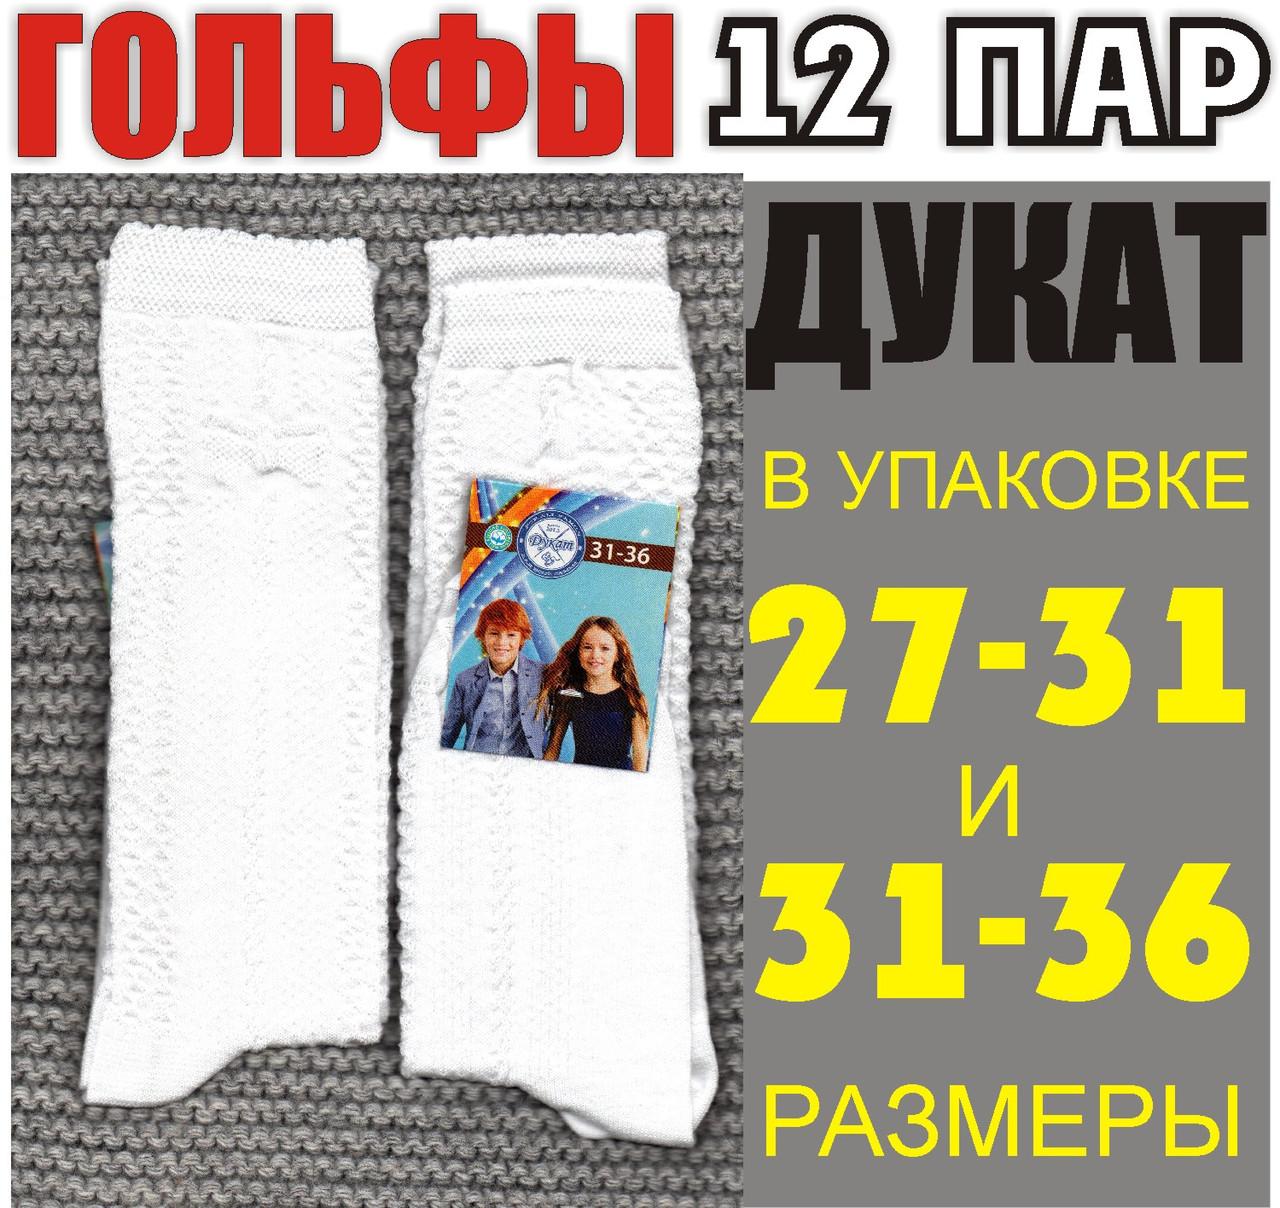 Гольфы детские белые с узором Дукат в упаковке 27-31 и 31-36 размеры  ГЗ-1330